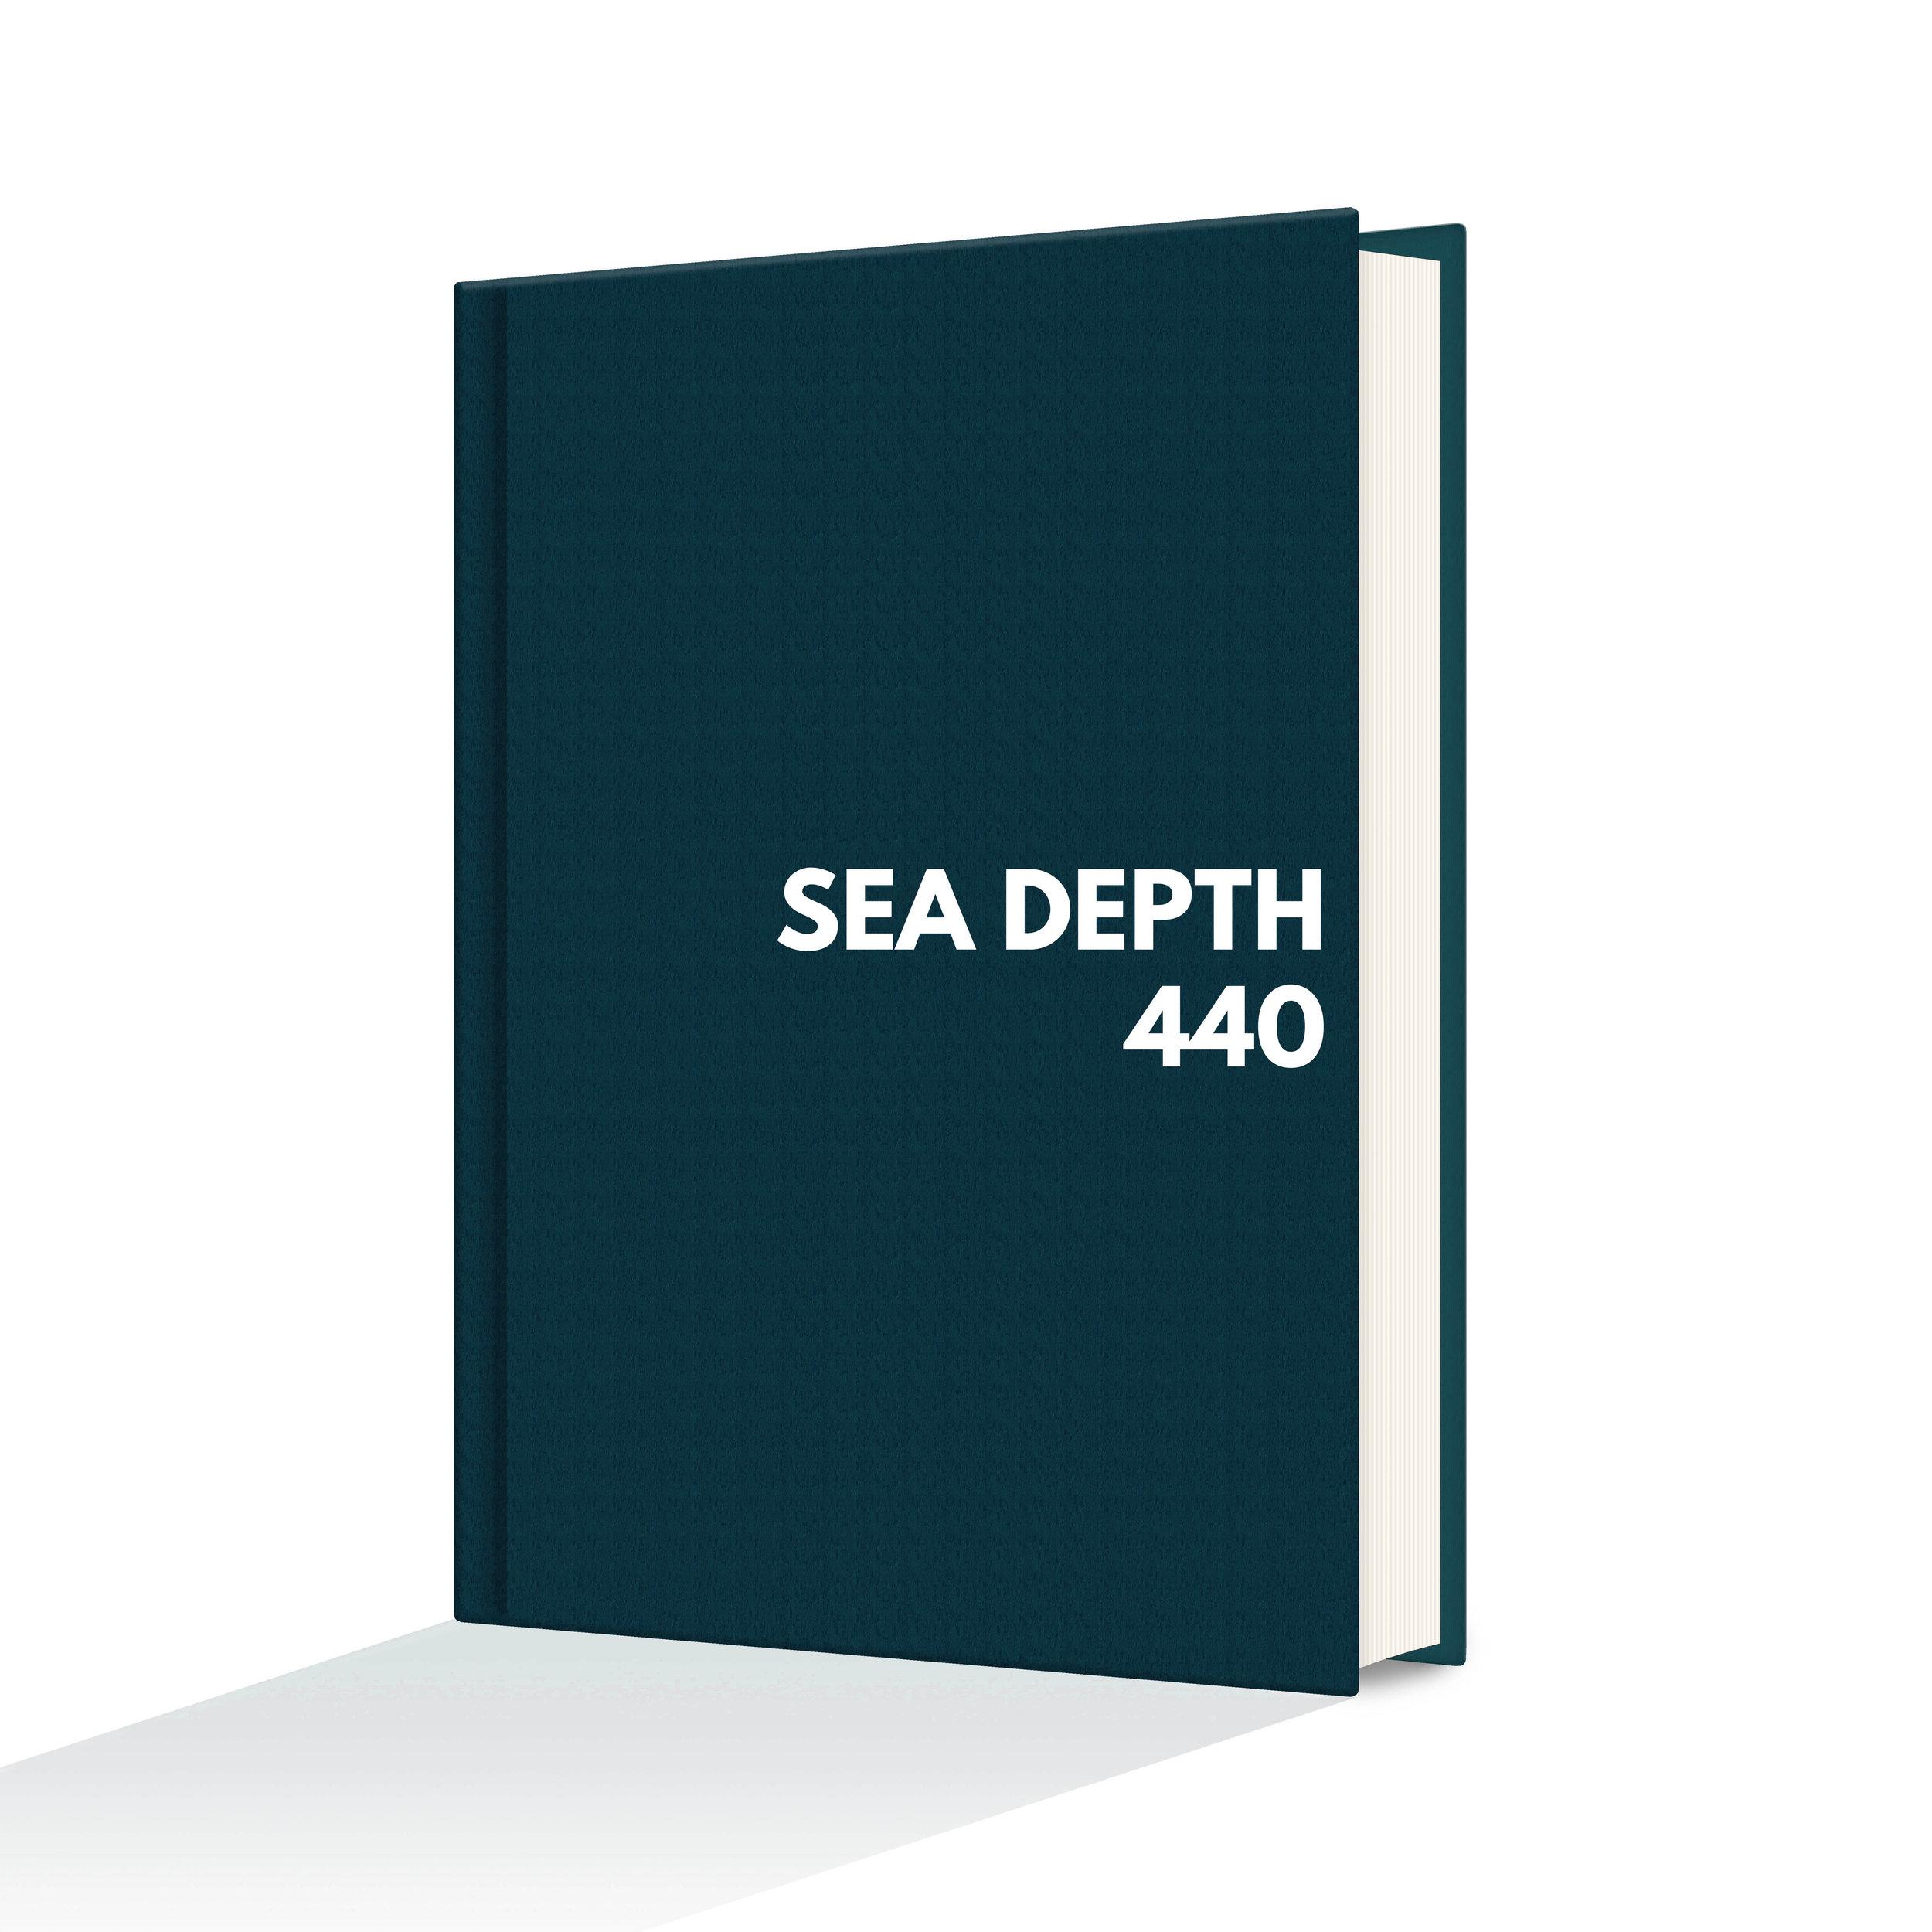 seadepth.jpg